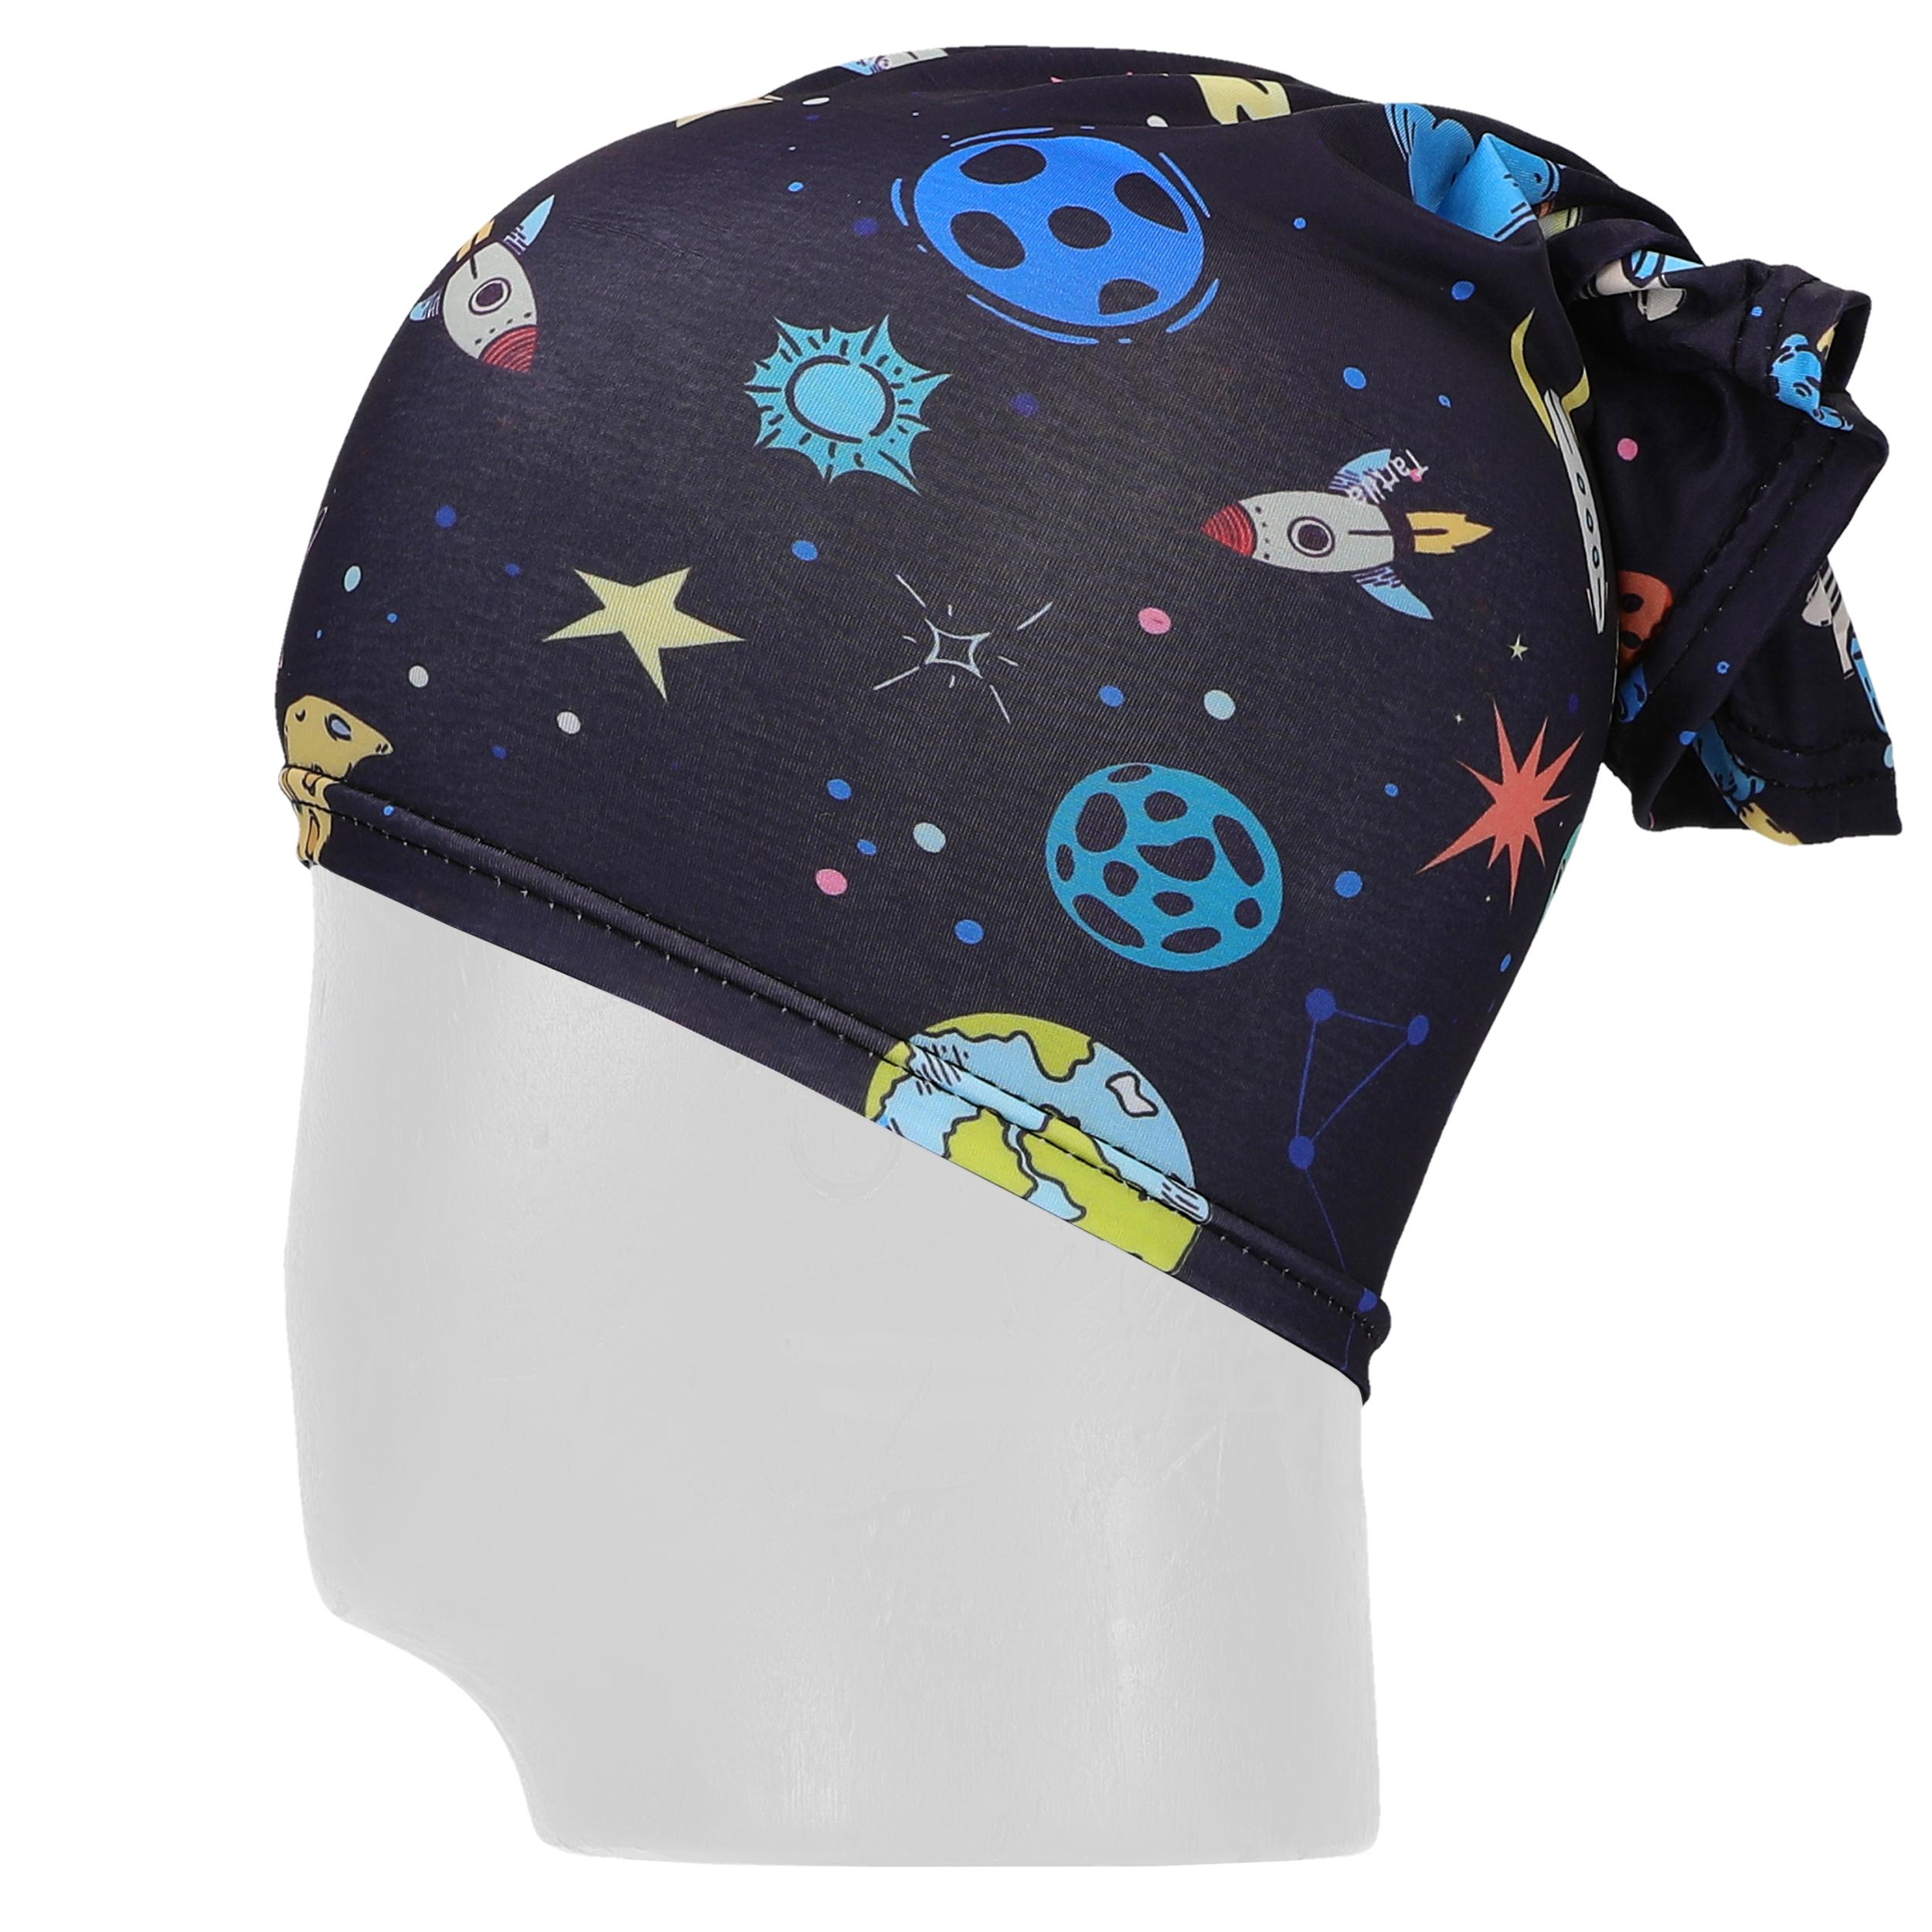 Indexbild 133 - Kinder Schlauchschal Maske Gesichtsmaske Mund Nase Bedeckung Halstuch waschbar